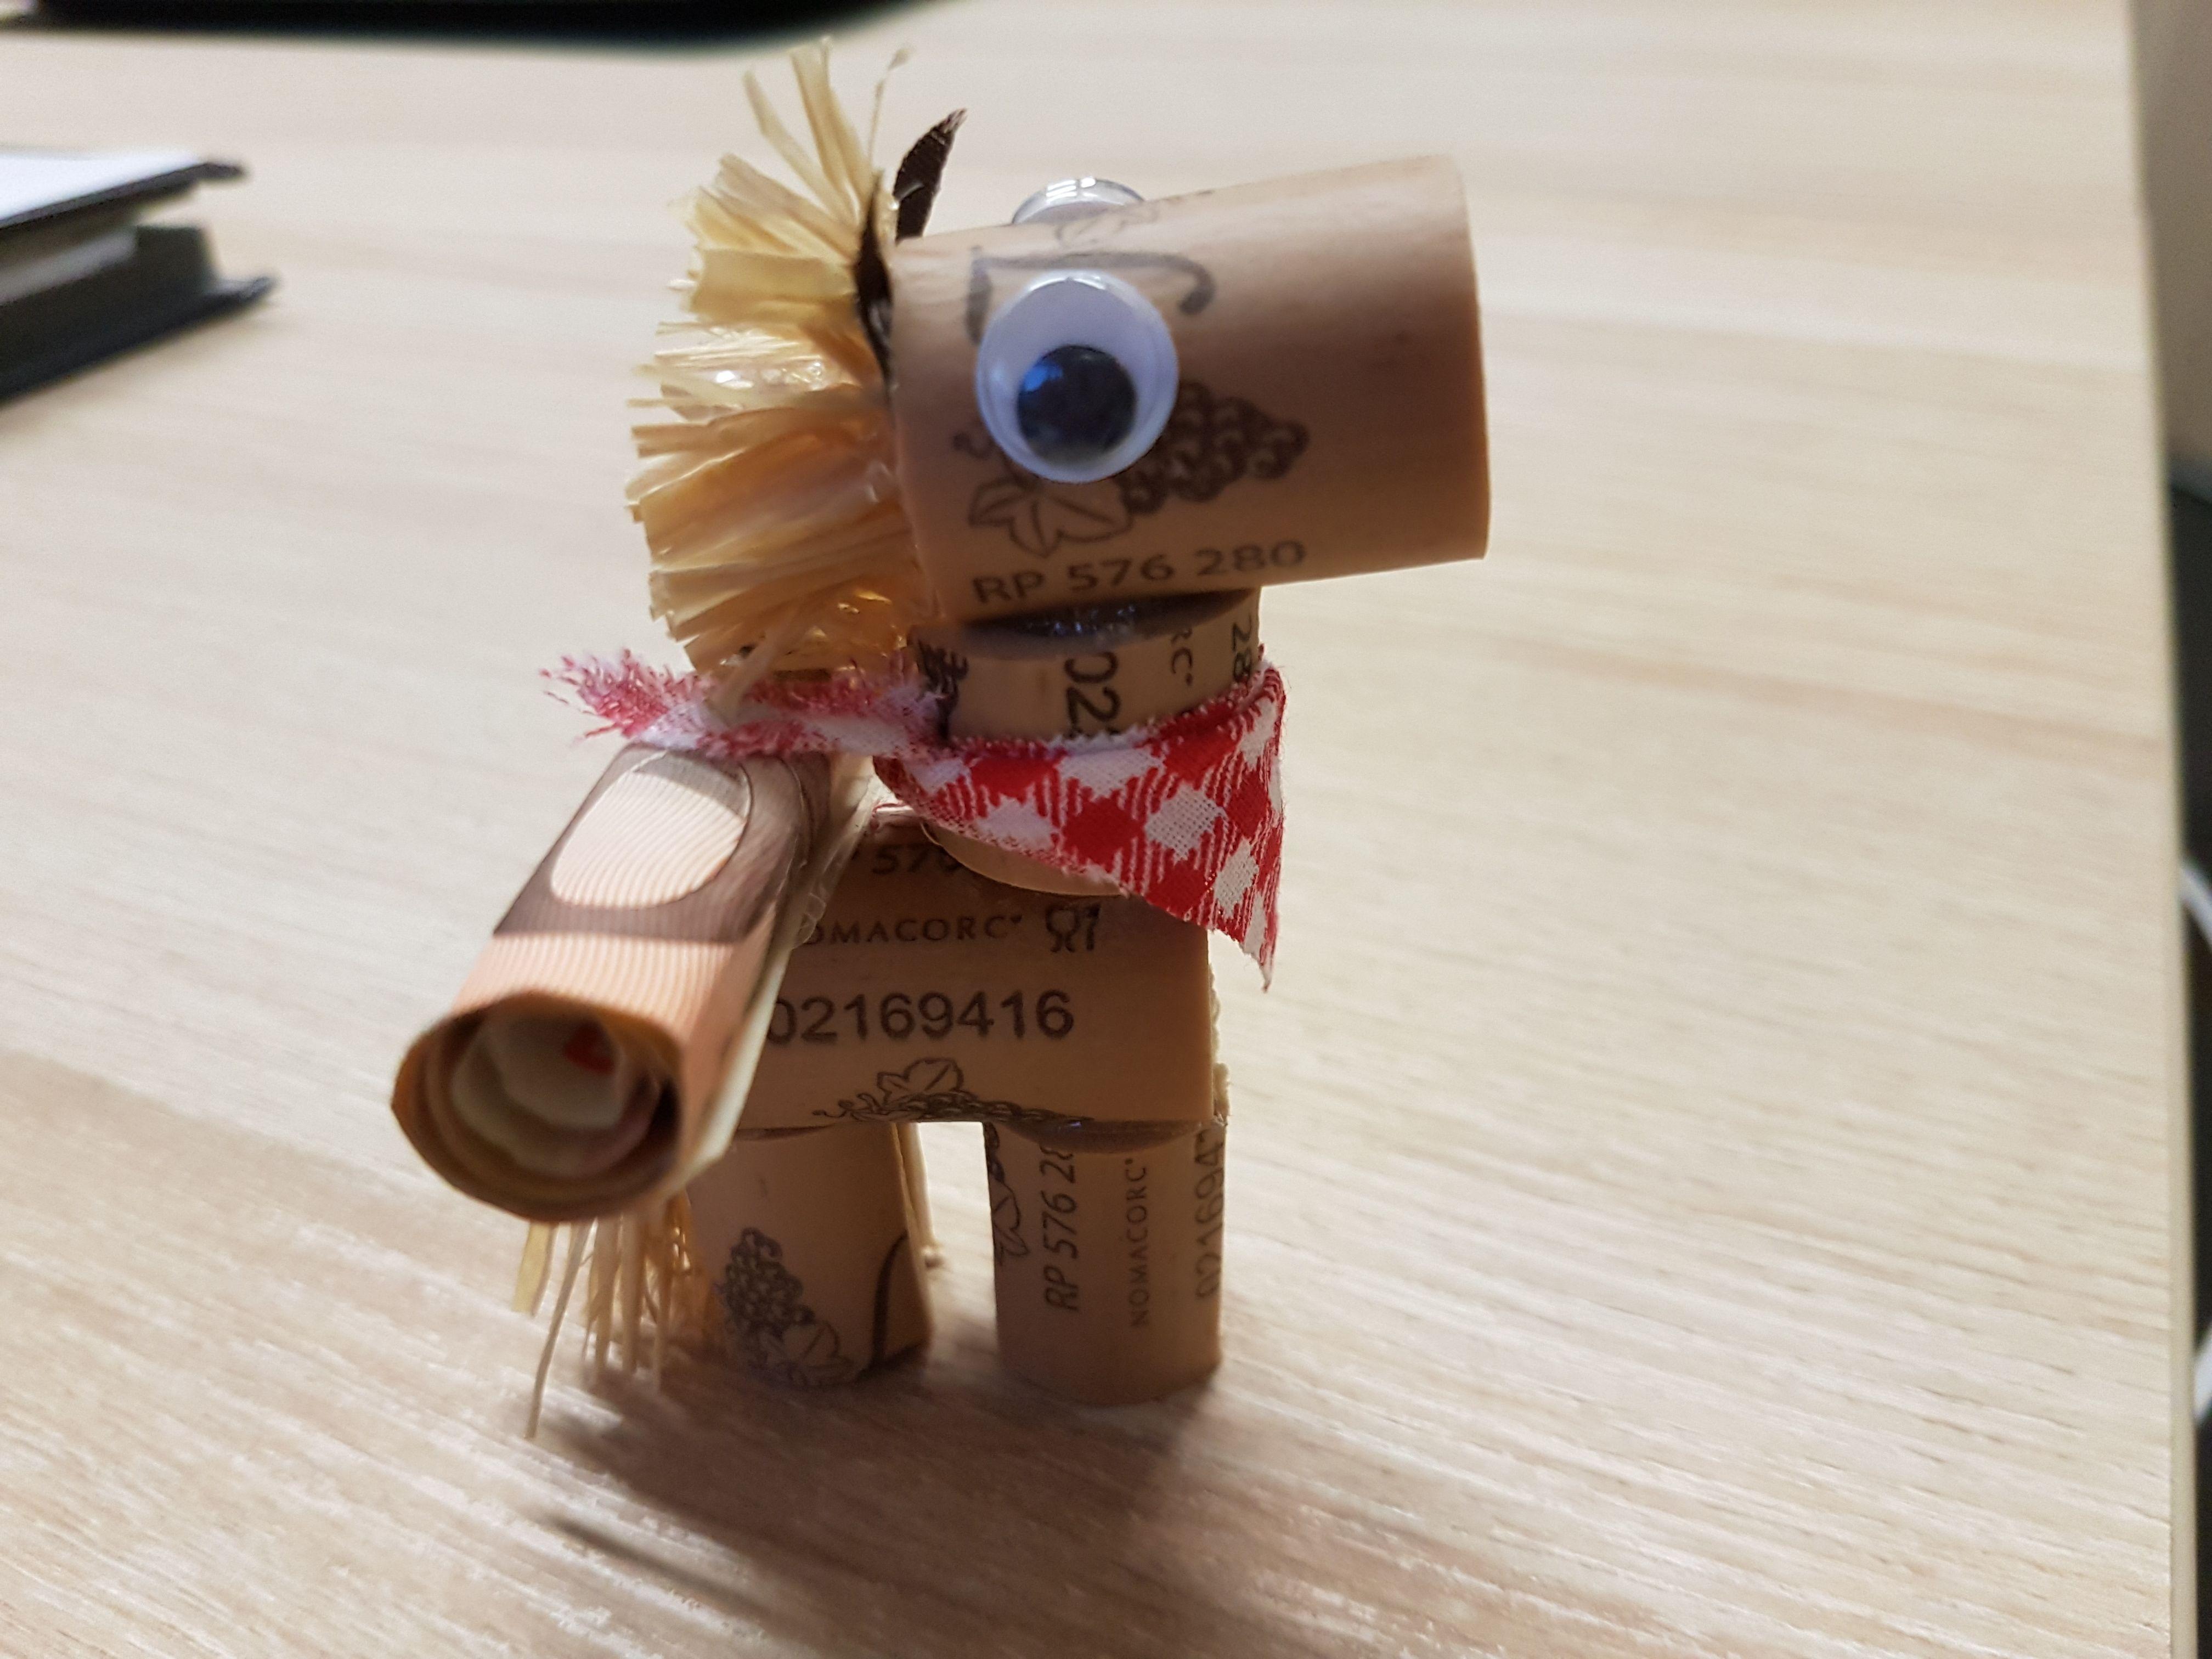 Hochzeitsgeschenk Idee Pferde Geschenk Mehr Als 10000 Angebote